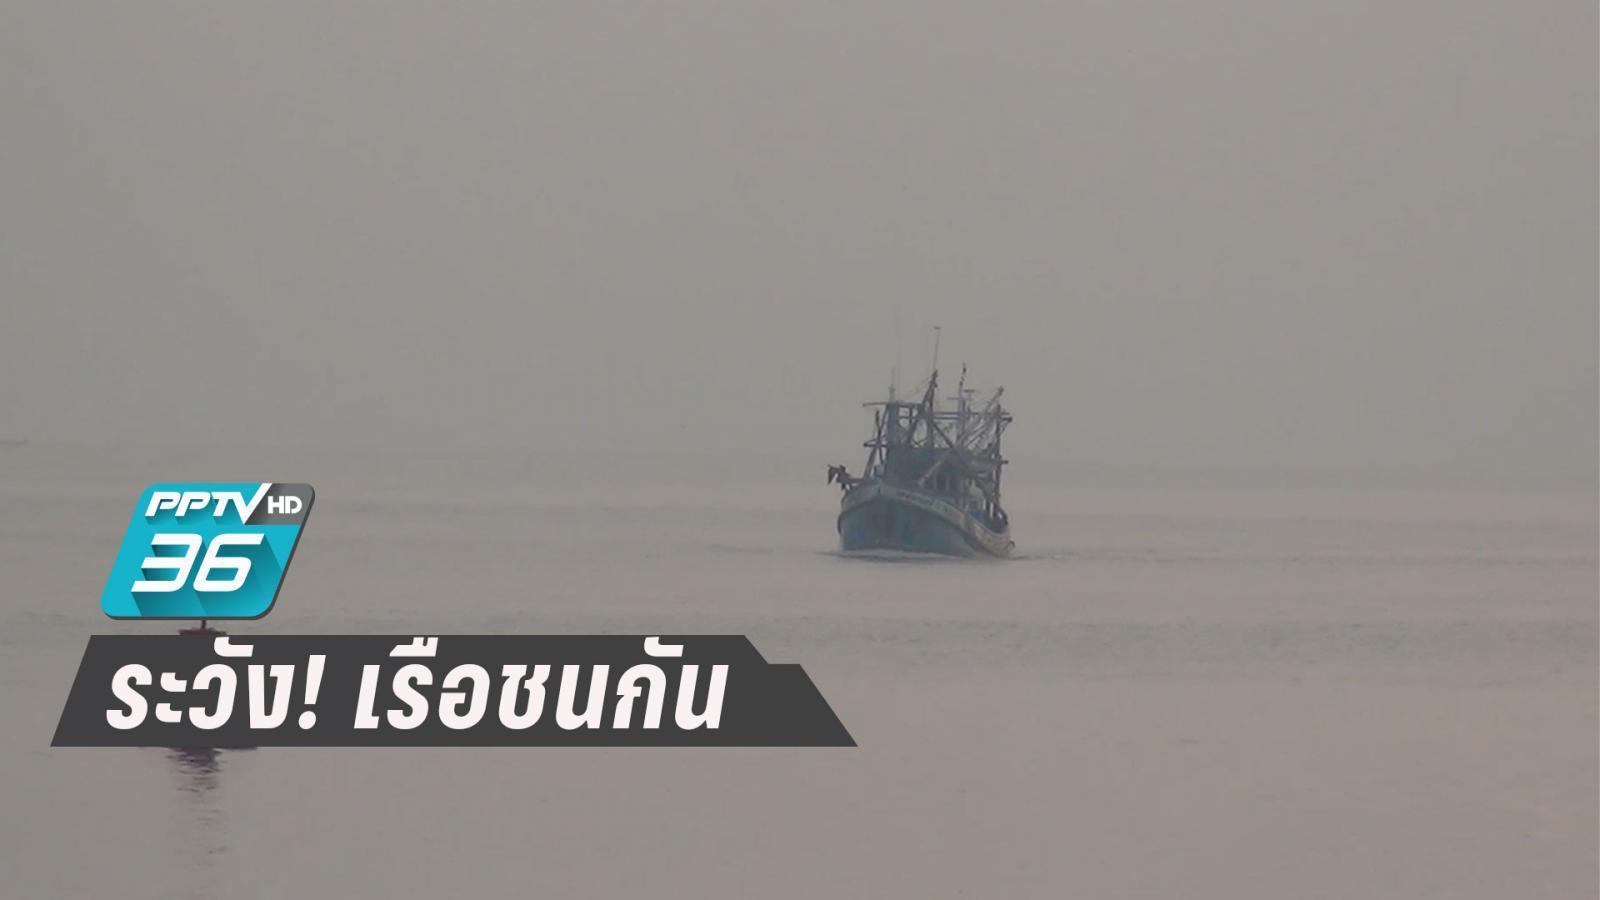 """หมอกลงทะเล! เตือน """"เรือประมง-เรือพาณิชย์"""" เช็คสัญญาณไฟระวังเรือชนกัน"""